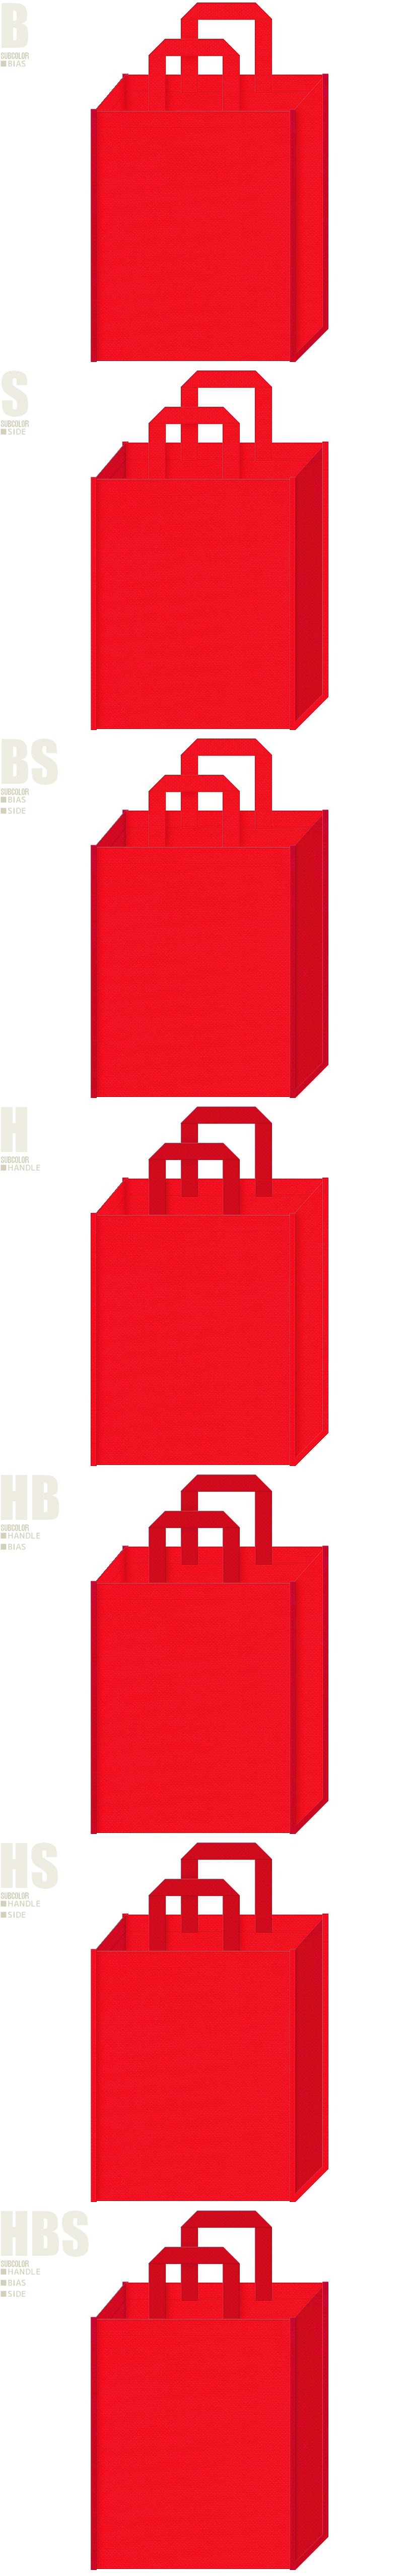 鎧兜・端午の節句・赤備え・お城イベント・紅葉・観光土産・クリスマス・暖炉・ストーブ・お正月・福袋にお奨めの不織布バッグデザイン:赤色と紅色の配色7パターン